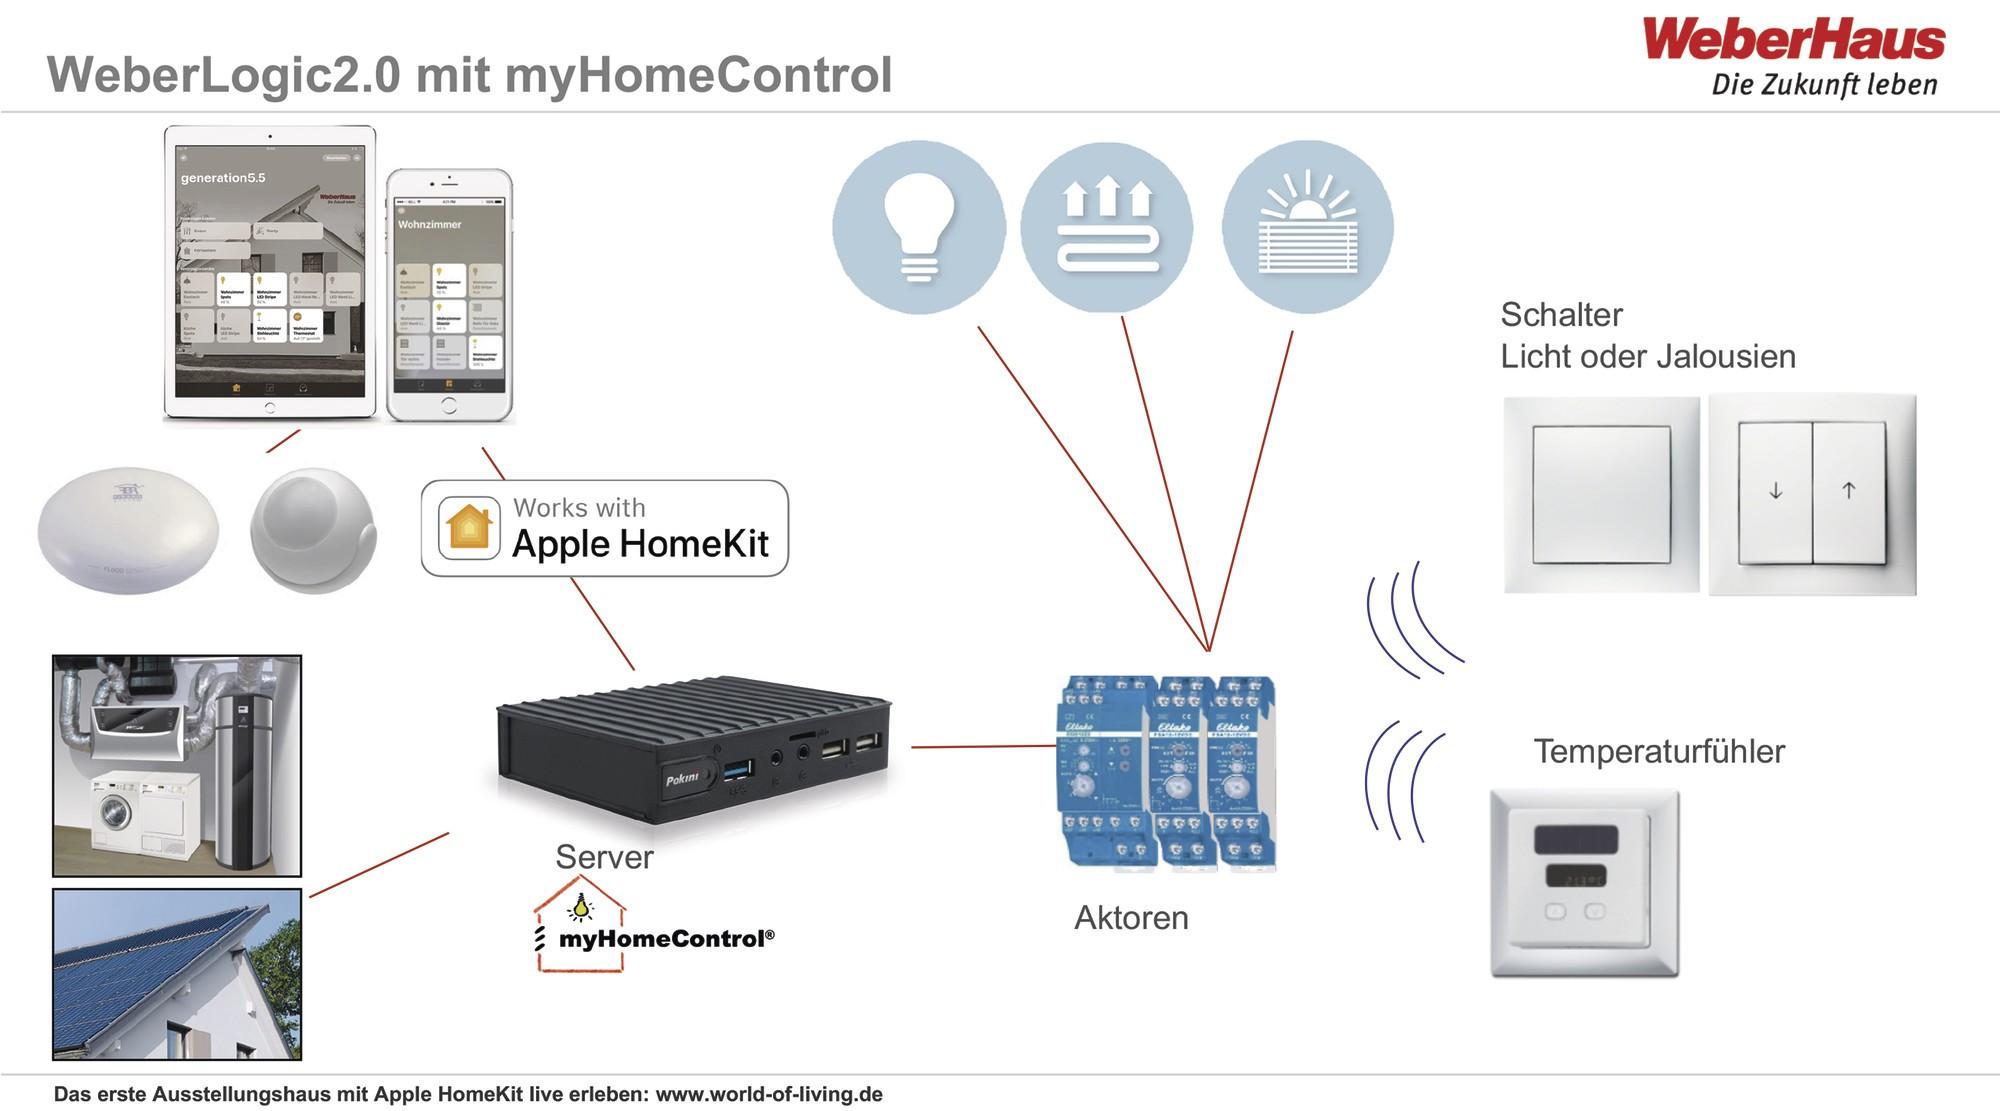 WeberHaus - WeberHaus to Feature Apple HomeKit in New Home Projects